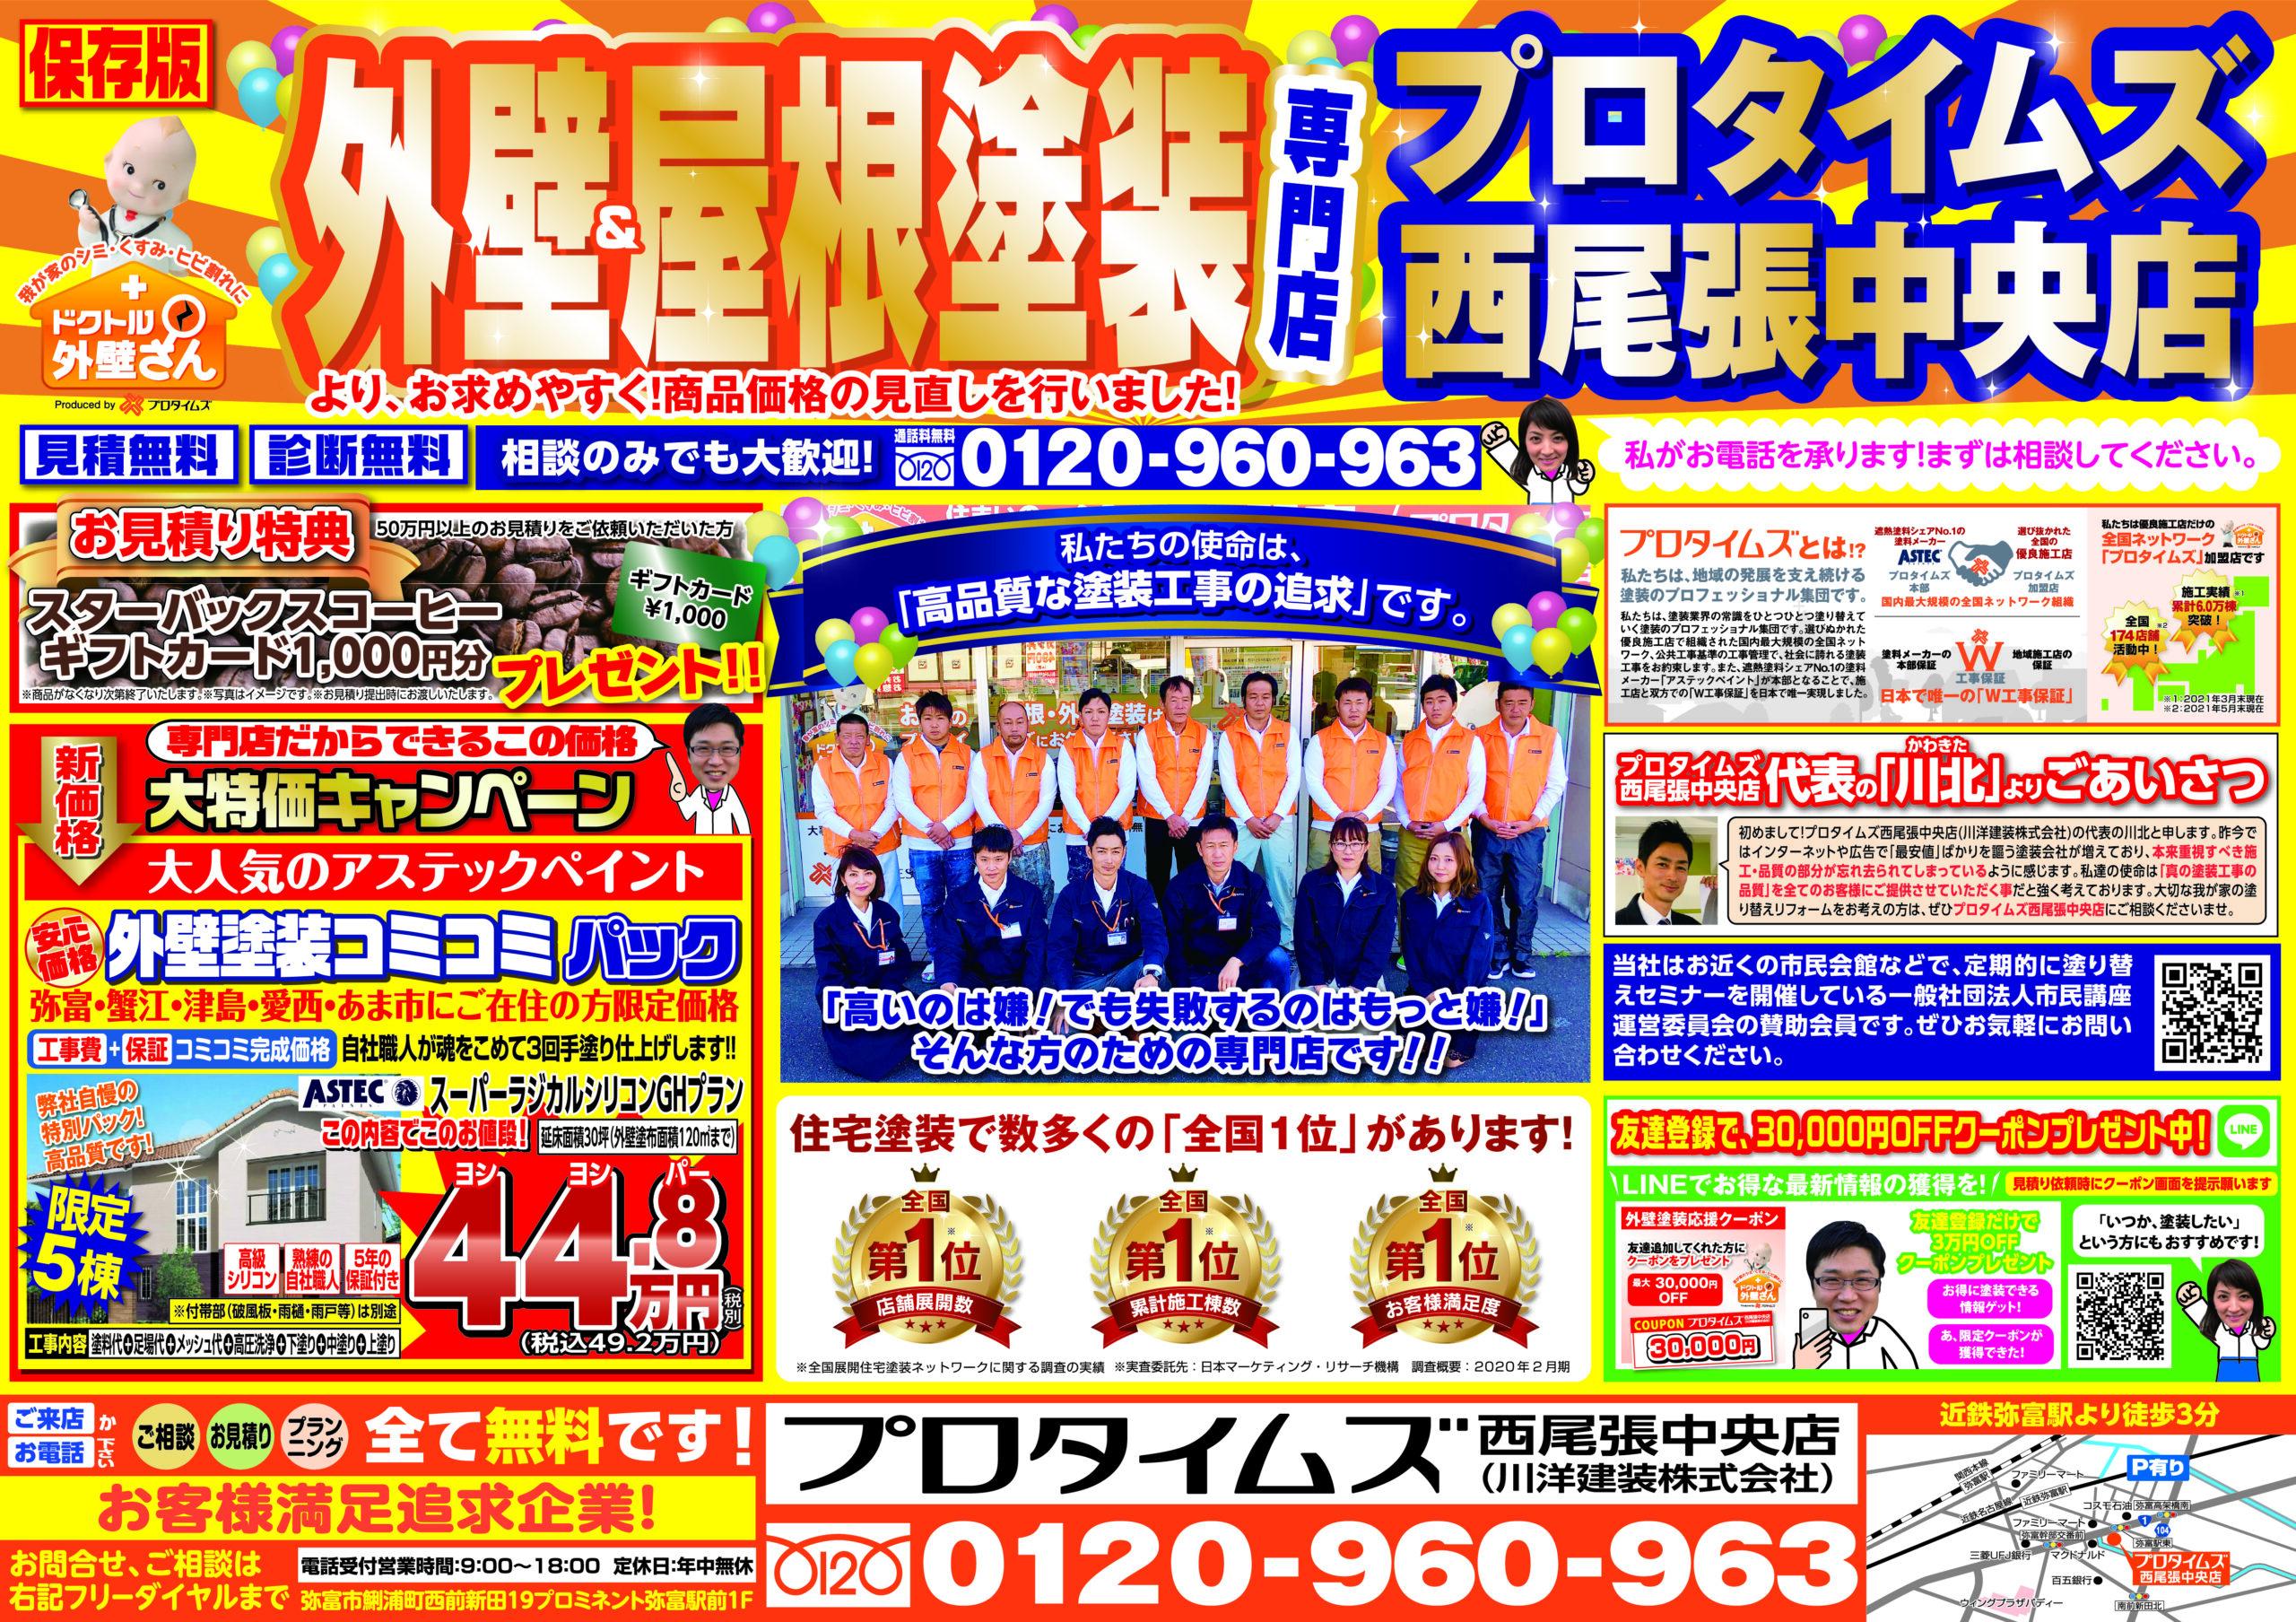 プロタイムズ西尾張中央店チラシ1